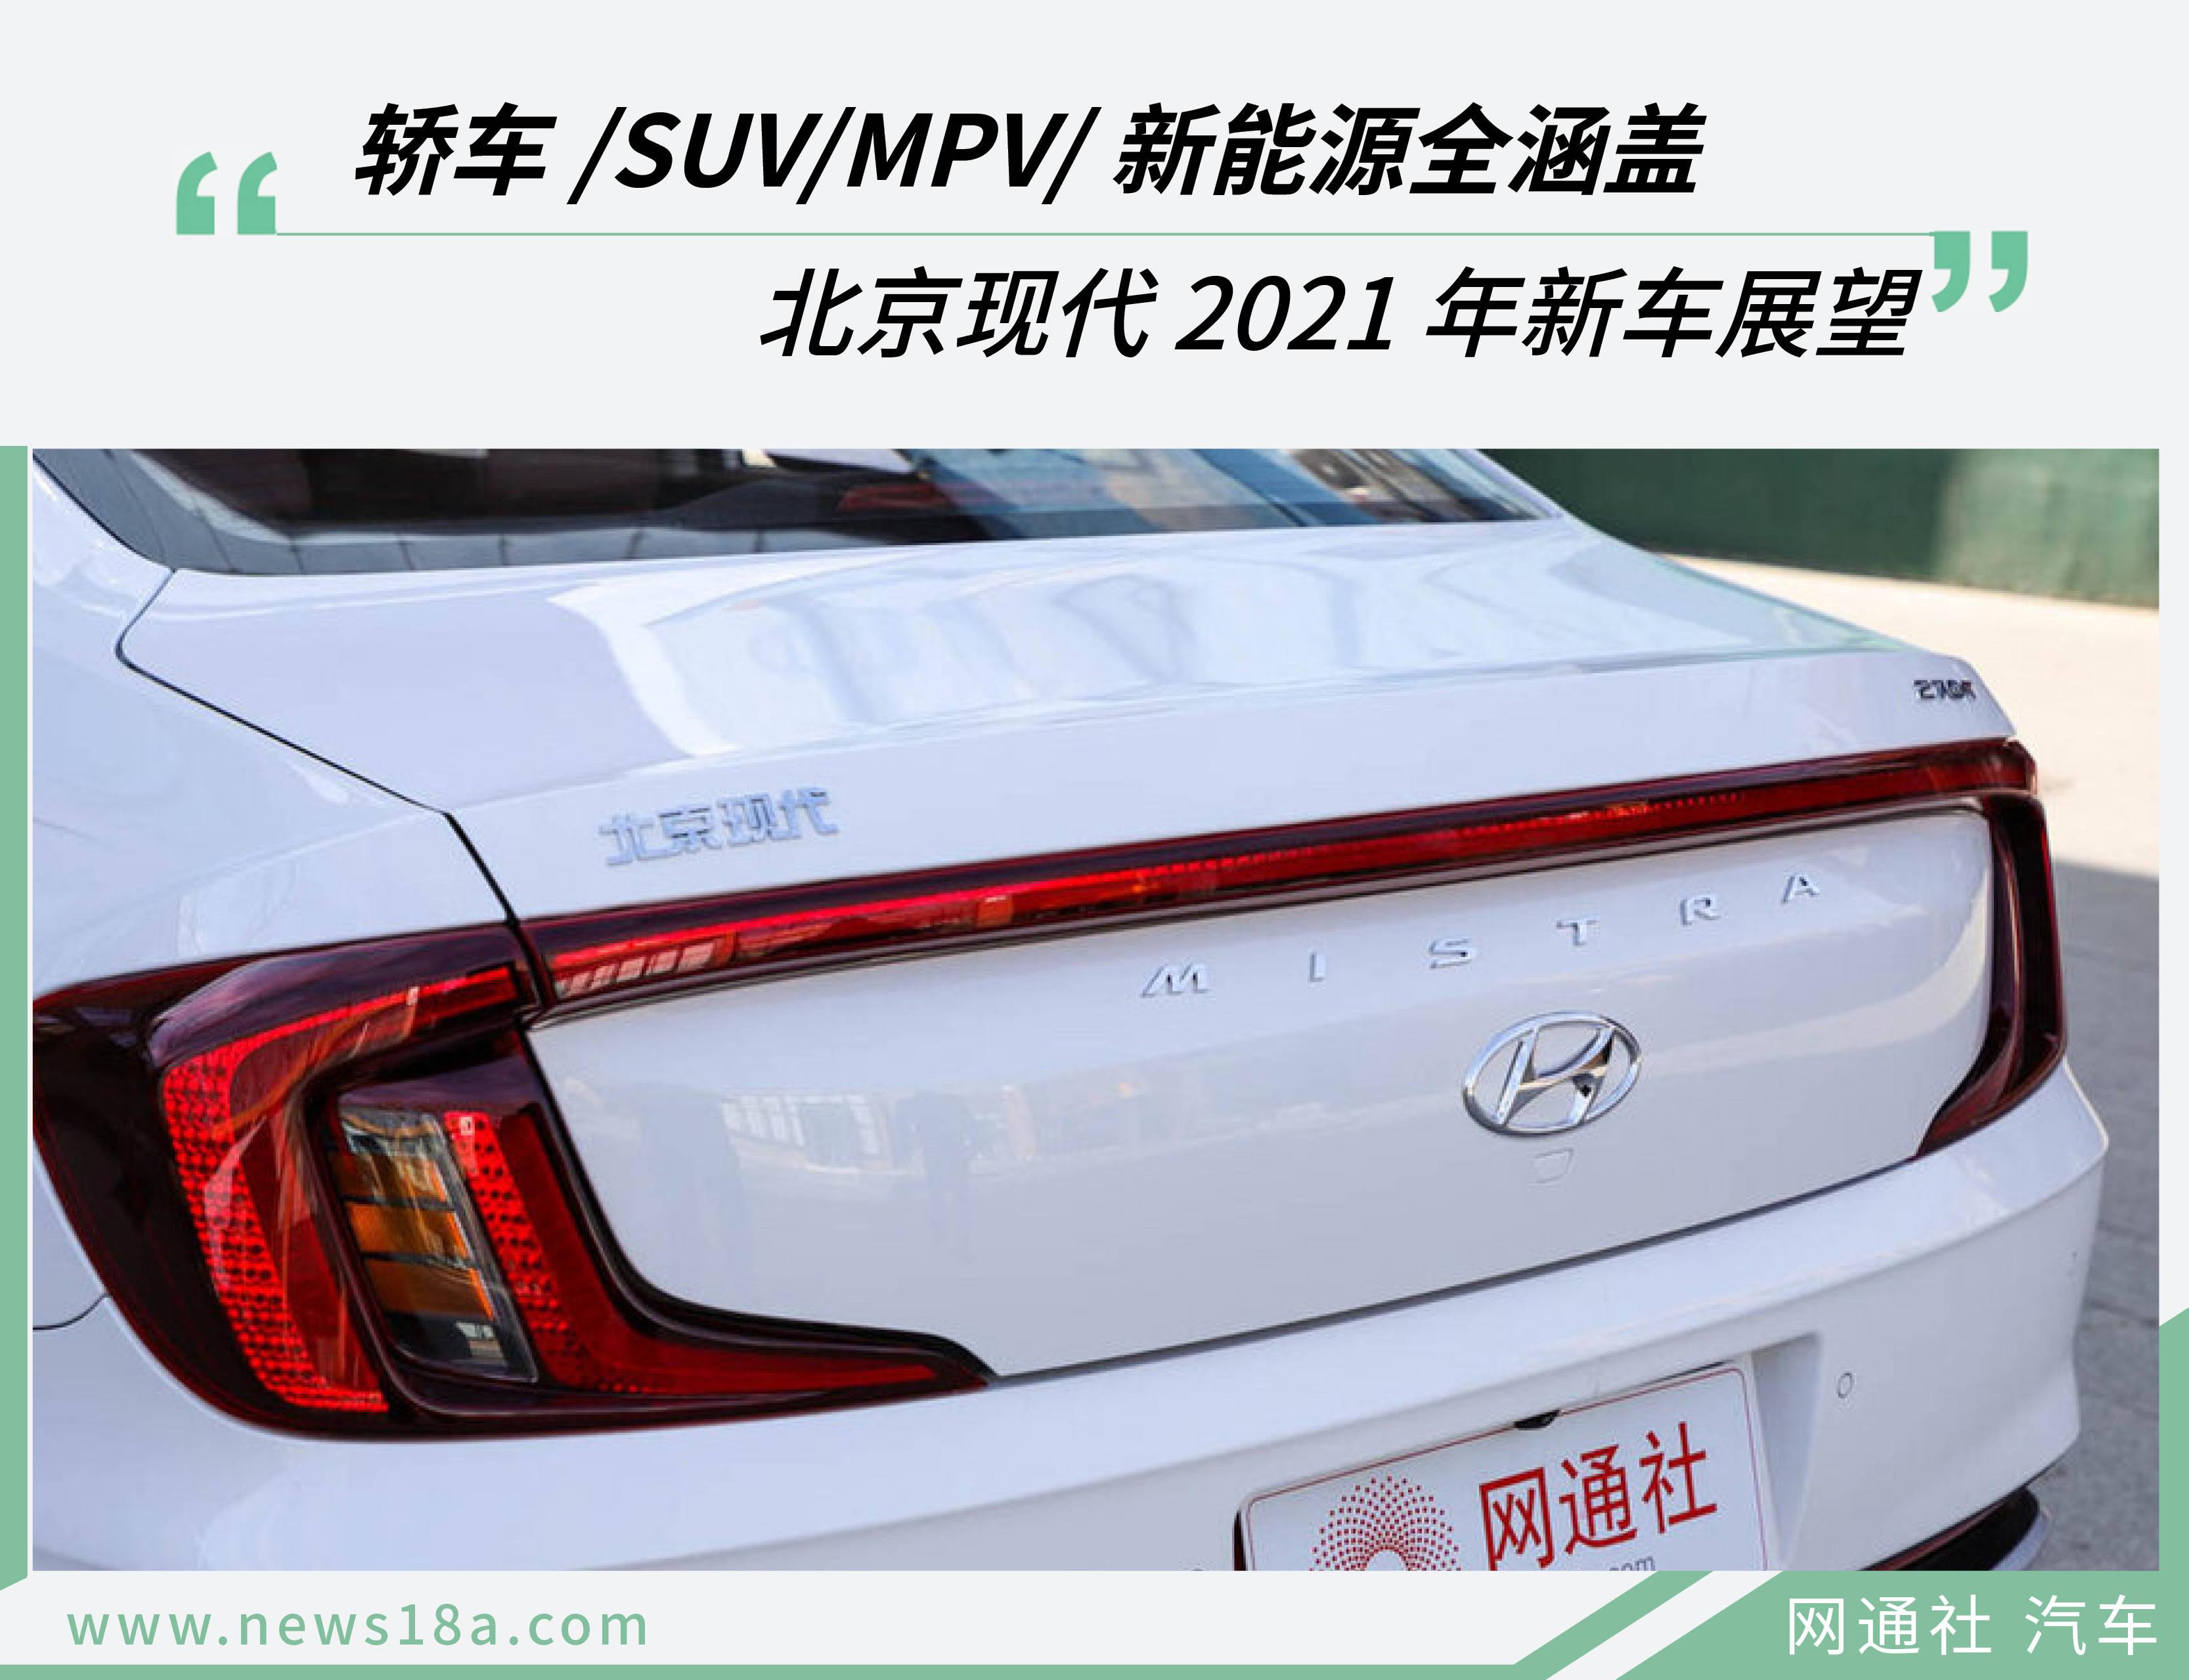 期待2021年北京现代的新车。